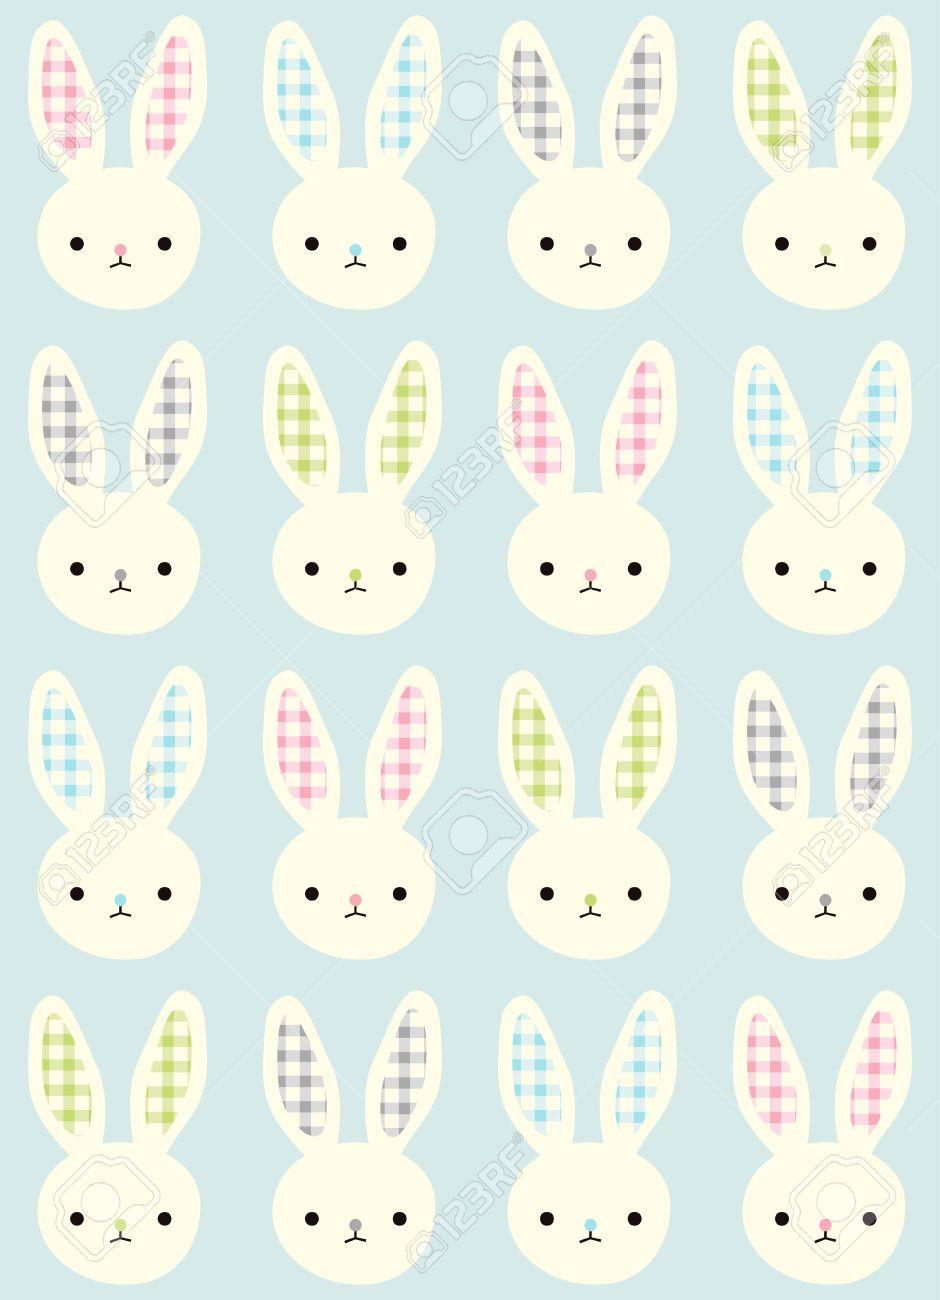 シームレスなウサギ パターン壁紙のイラスト素材 ベクタ Image